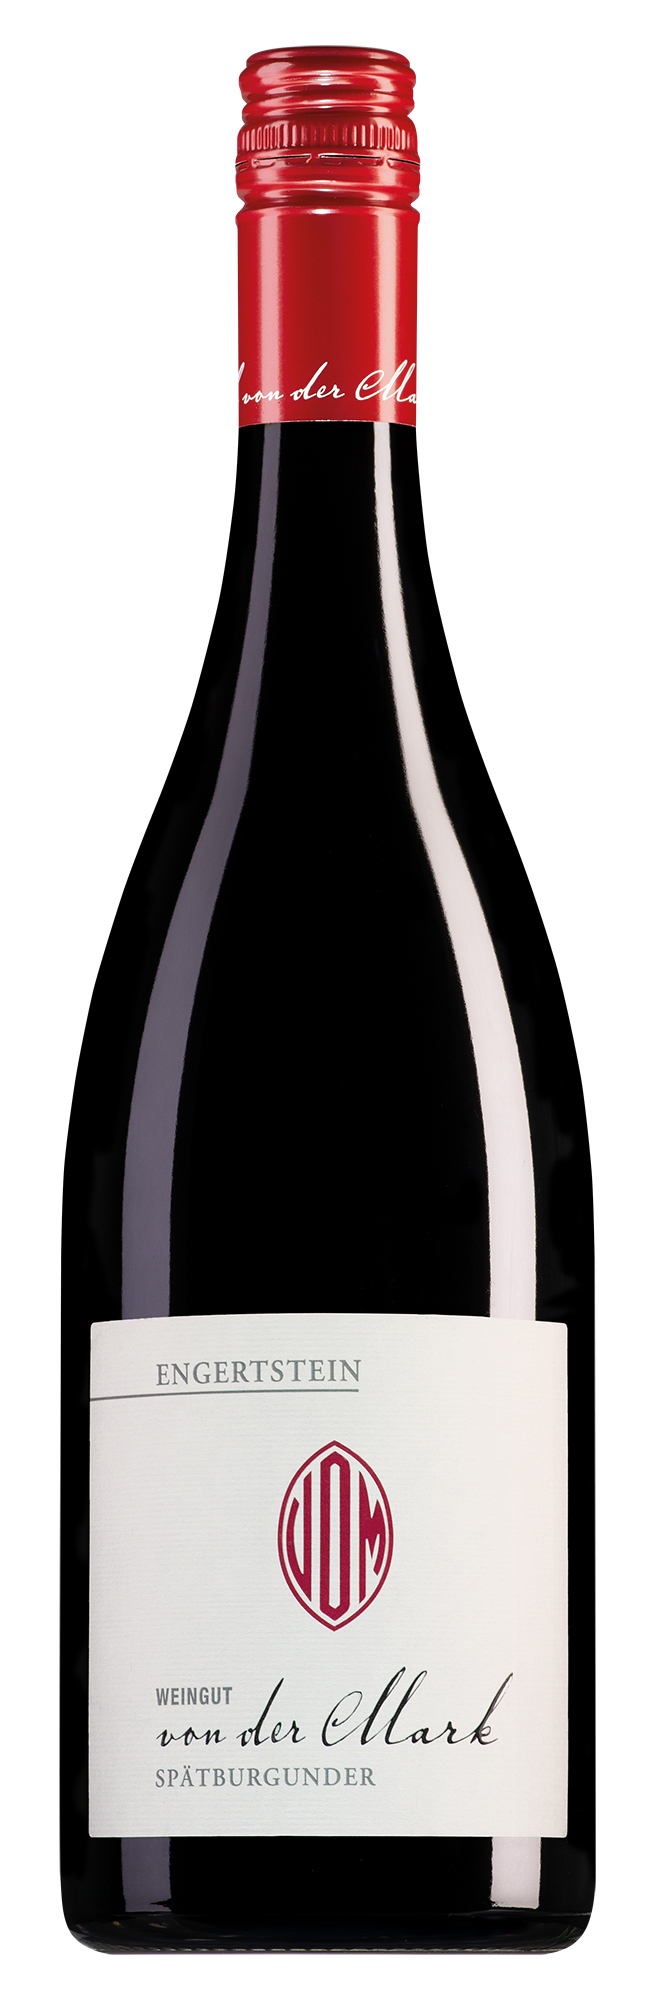 Weingut Jürgen von der Mark Baden Engertstein Spätburgunder